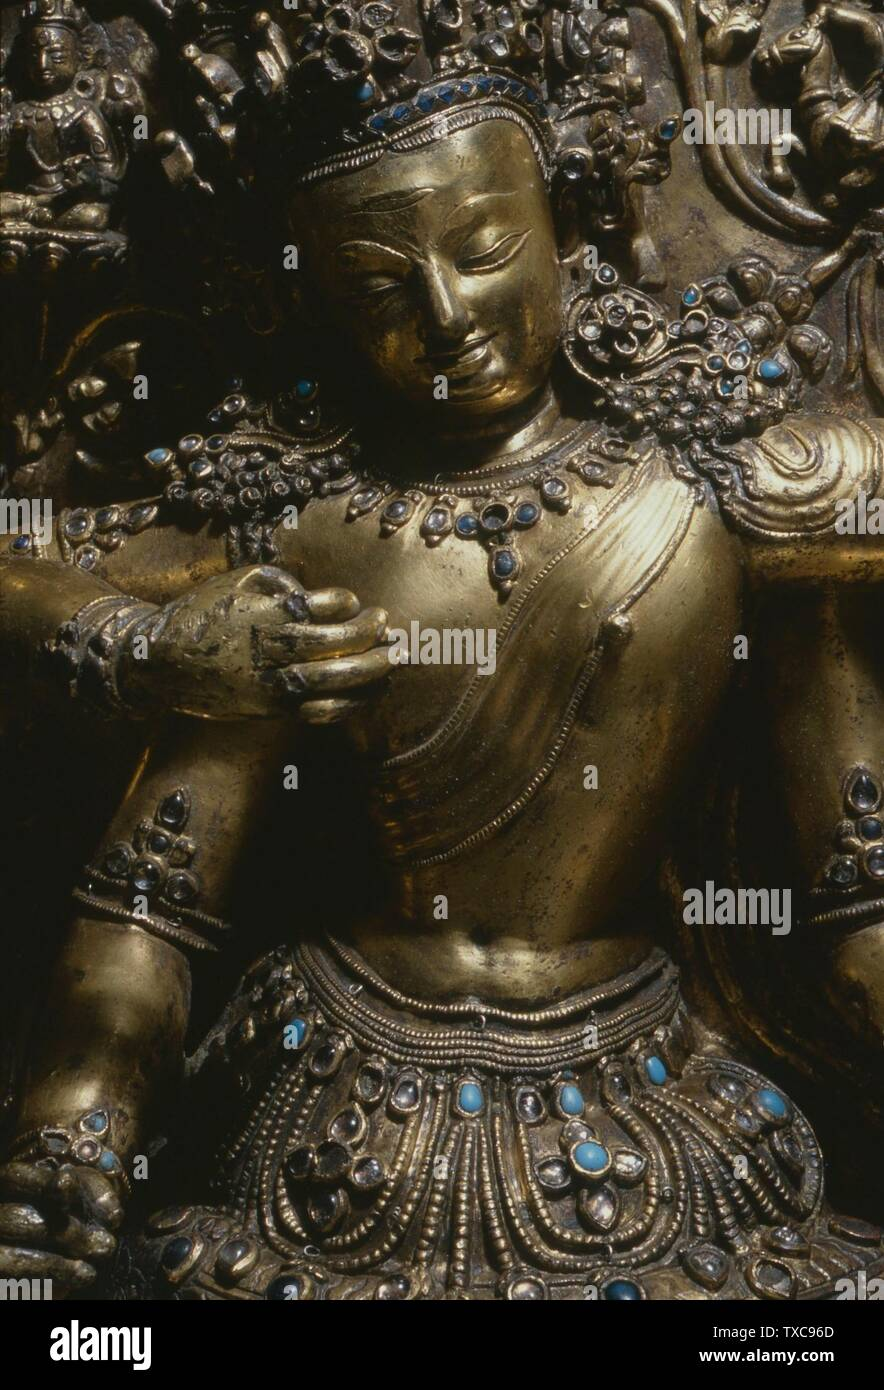 Rahu Stock Photos & Rahu Stock Images - Alamy